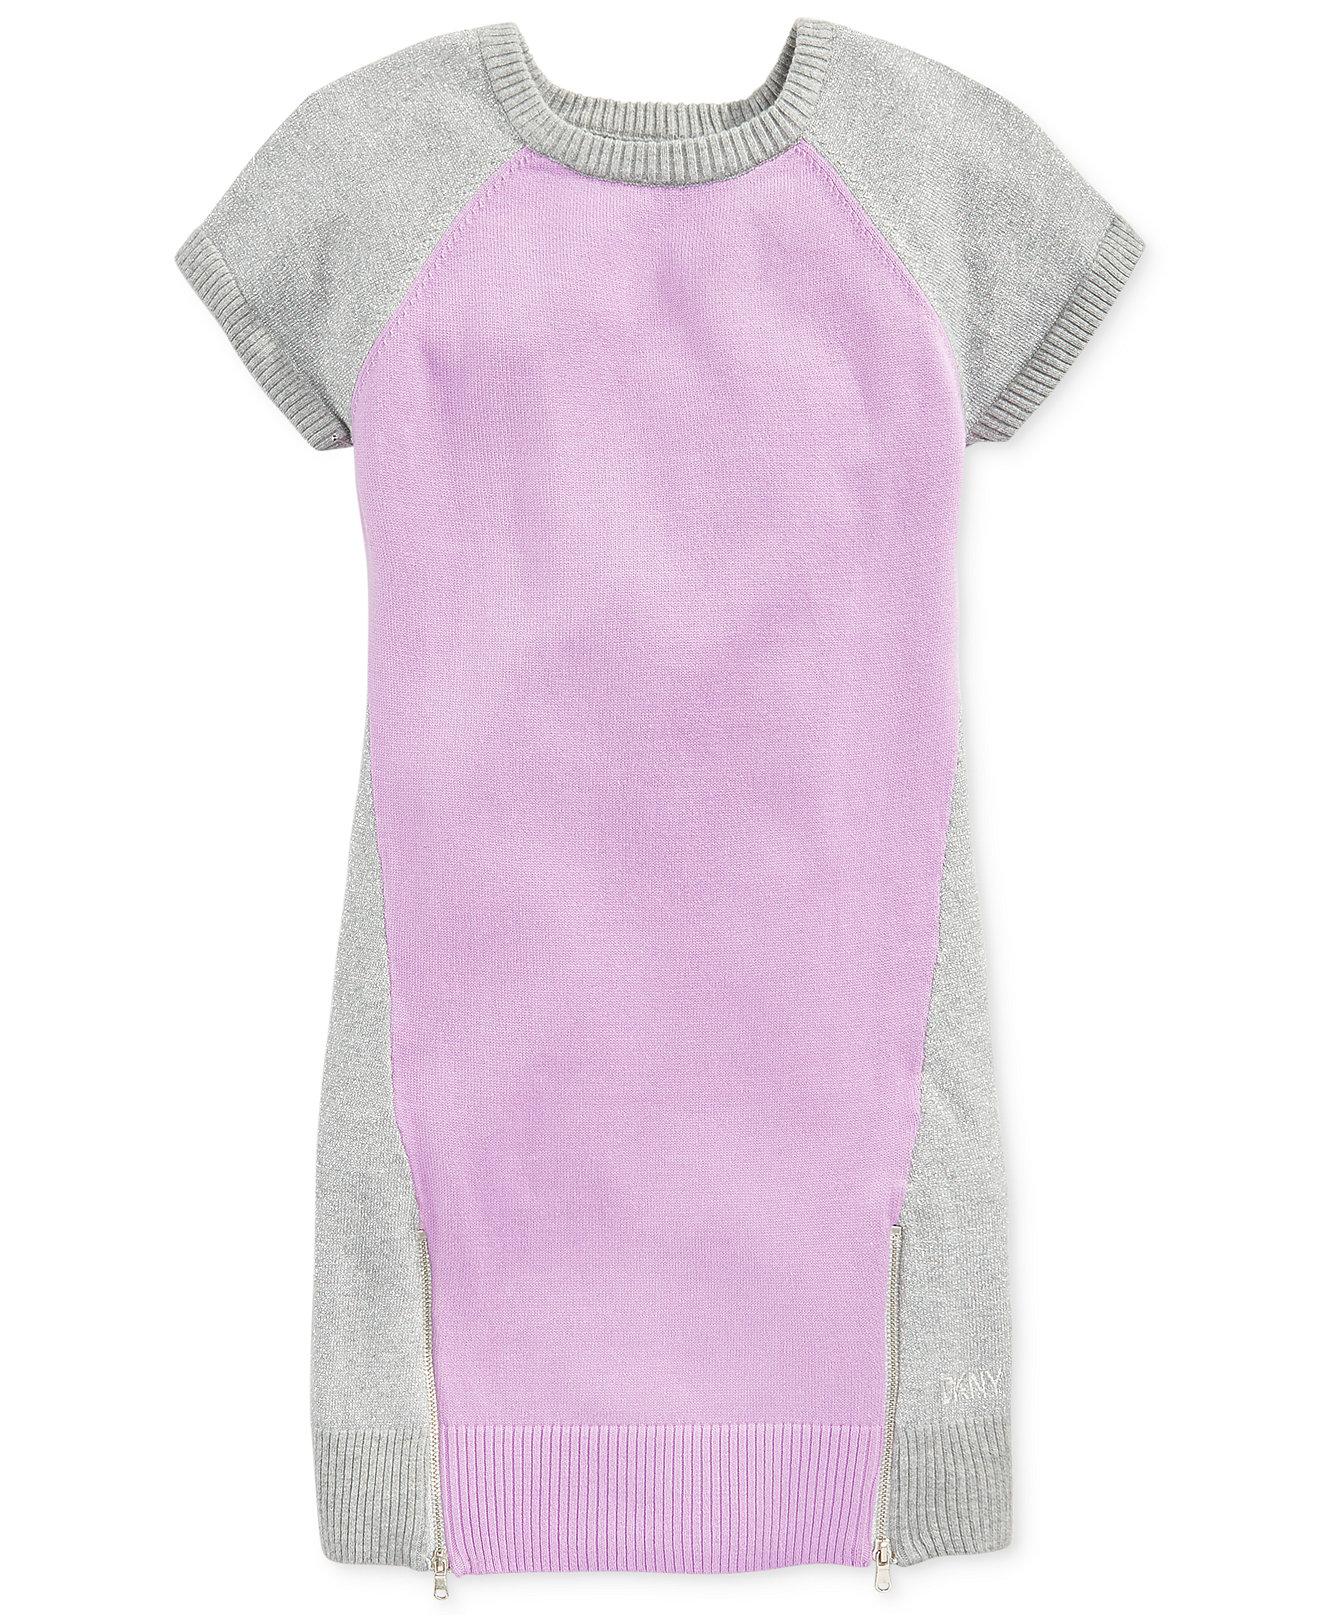 платье Dkny  2015 ML туфли 005 2015 dkny